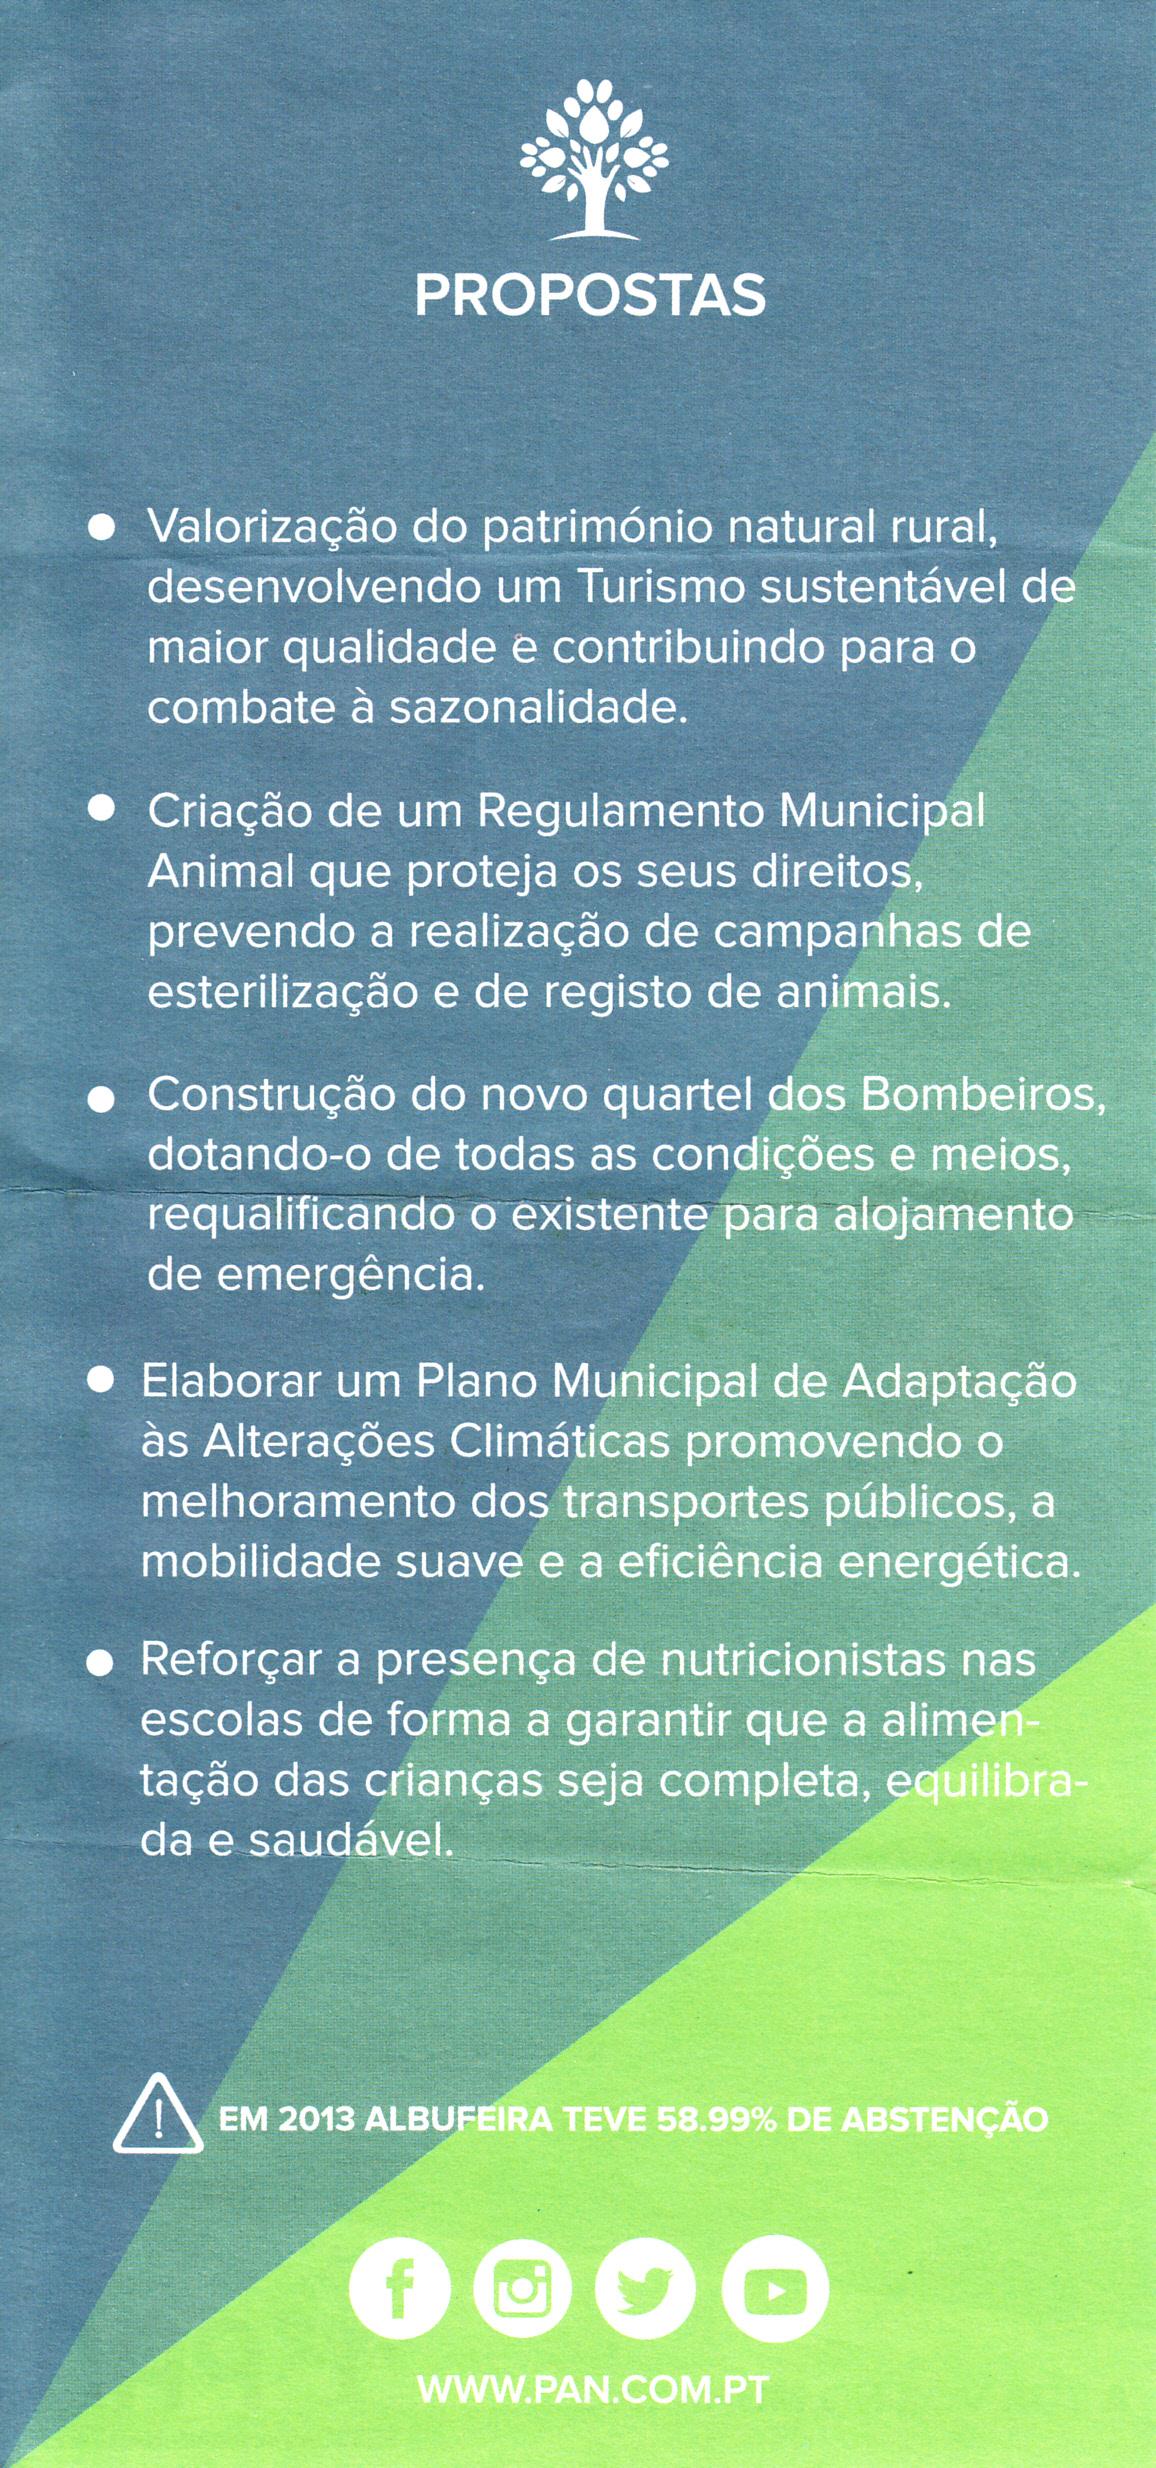 bb1c9cc40b9 ELEIÇÕES AUTÁRQUICAS DE 2017 – ALBUFEIRA – PAN ...